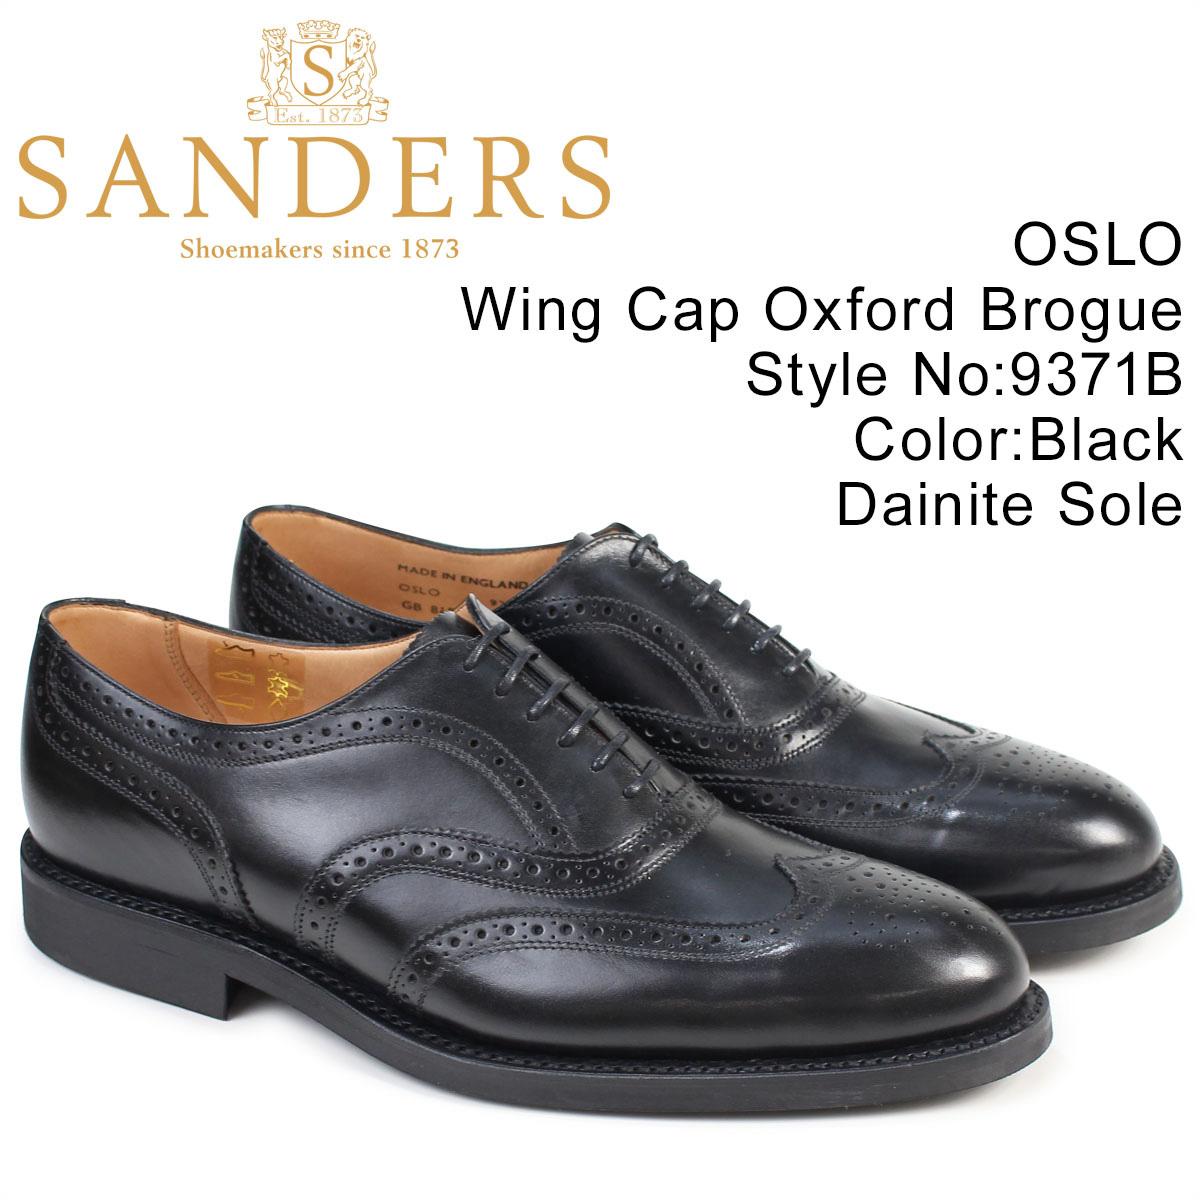 SANDERS OSLO サンダース 靴 ミリタリー オックスフォード シューズ ウイングチップ ビジネス 9371B メンズ ブラック